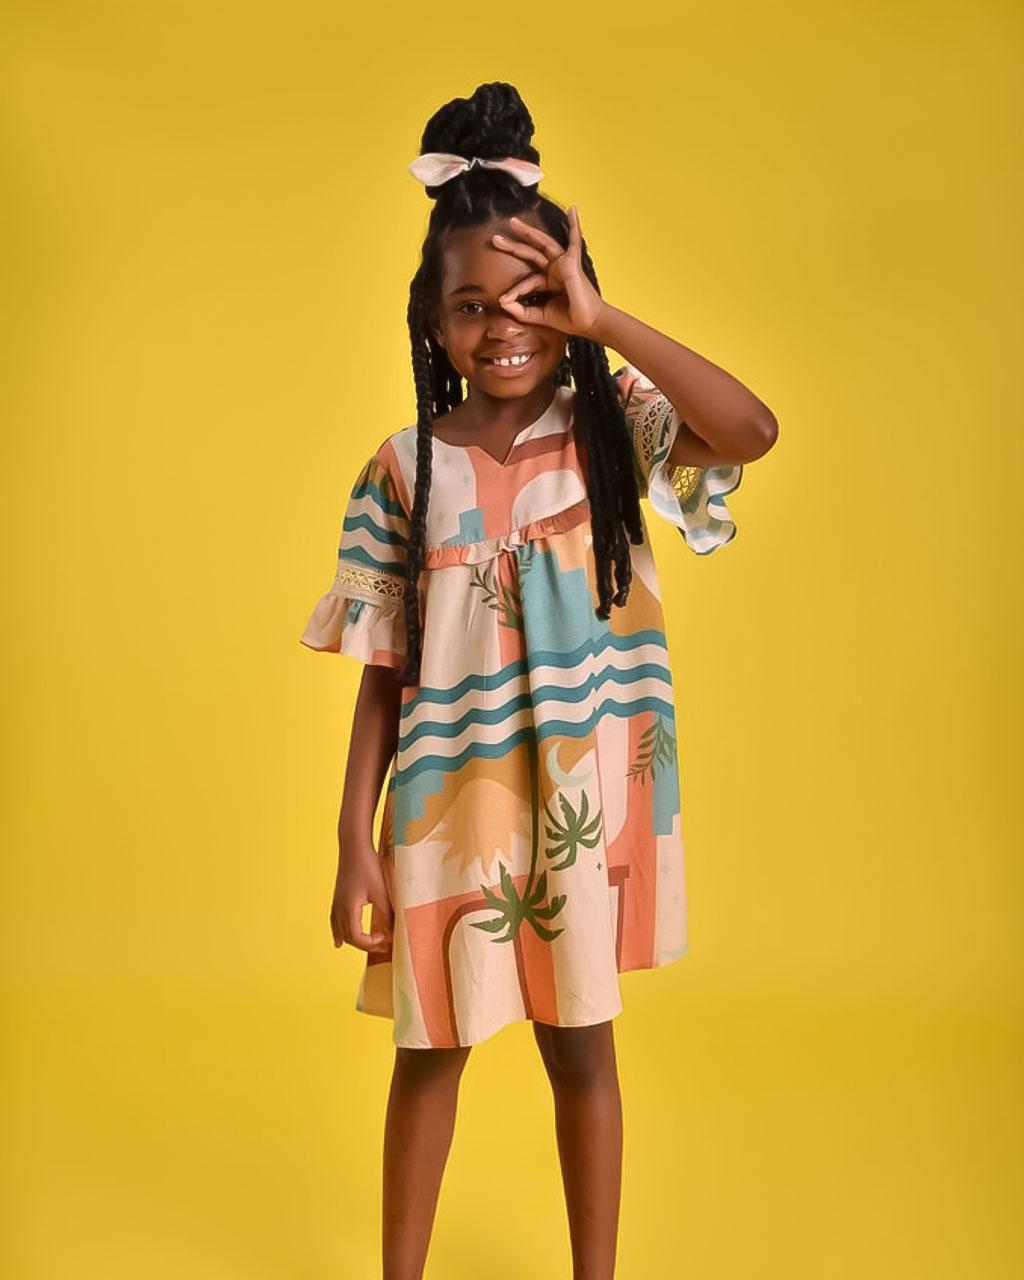 Vestido Infantil Tropical Detalher Macramê nas Mangas Caqui Mundo Céu